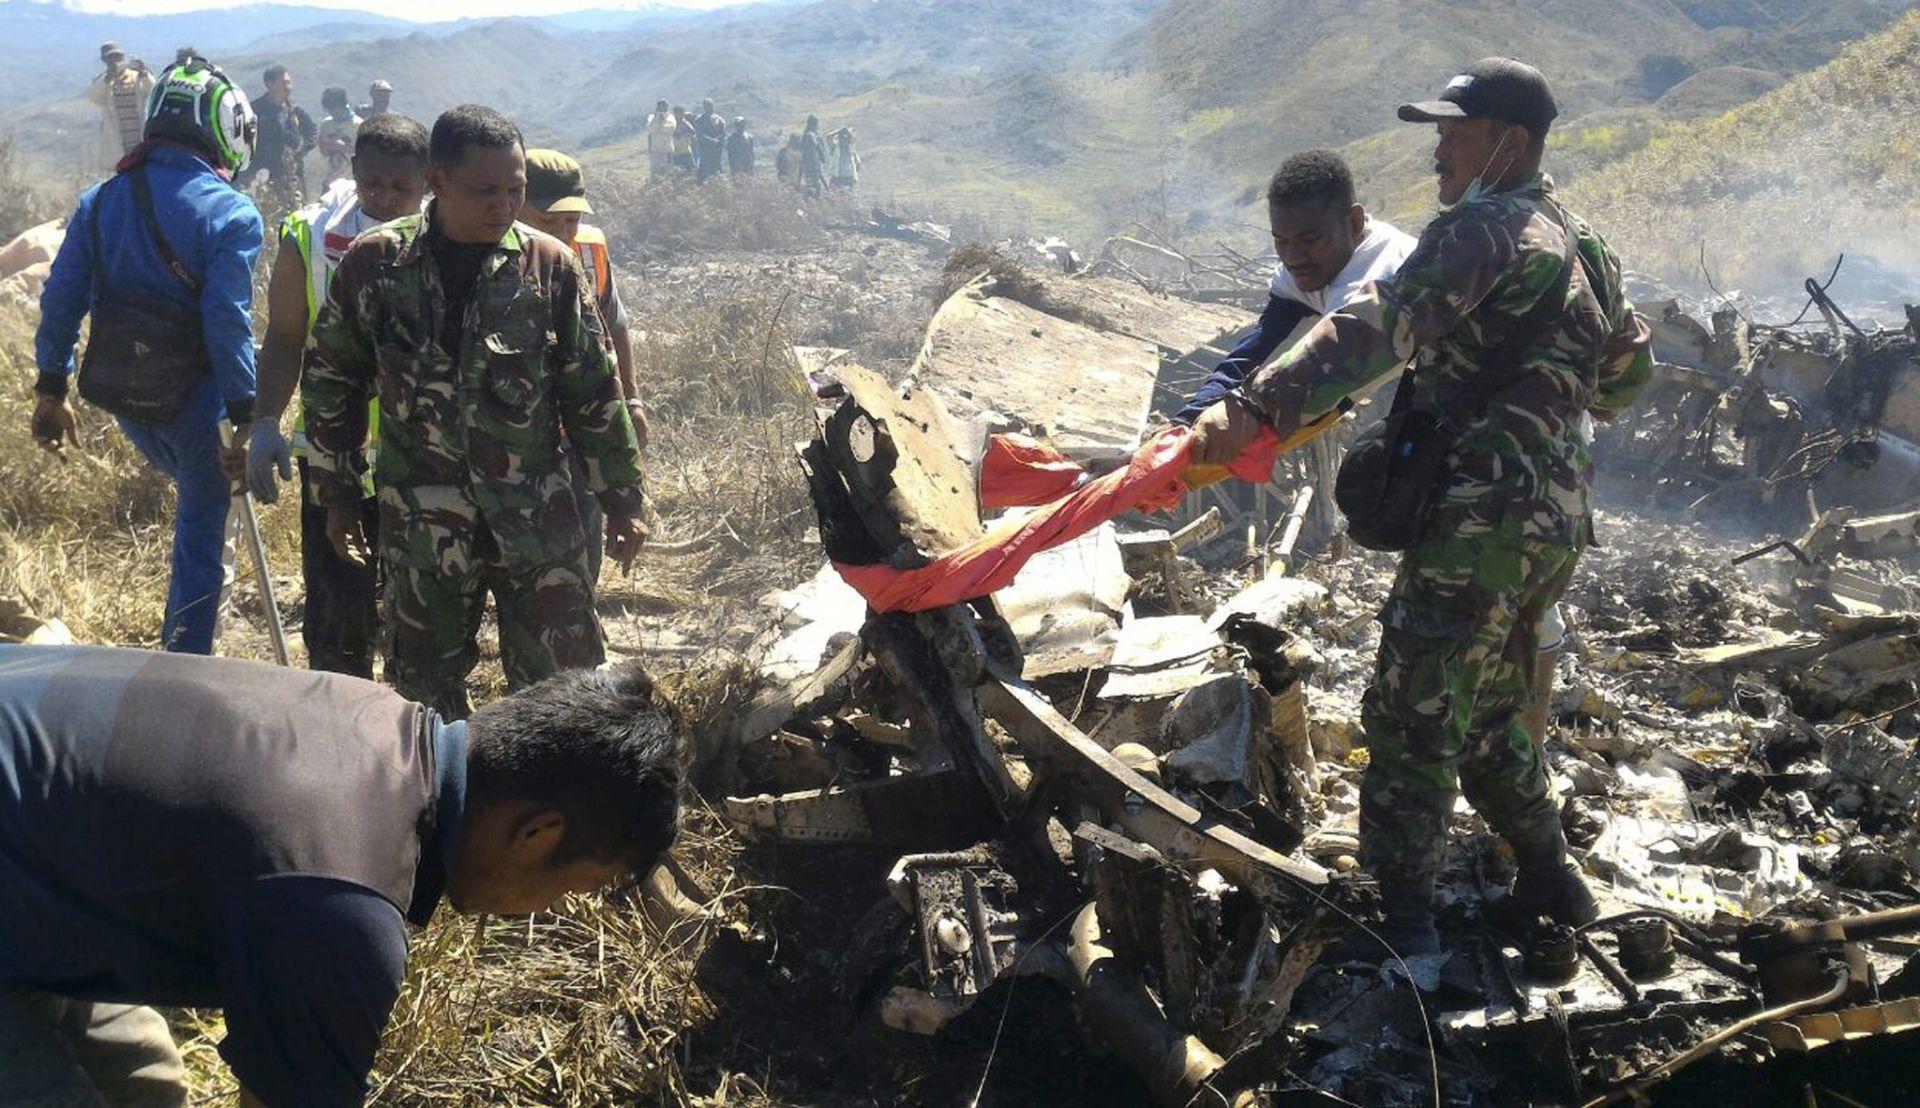 NOVA NESREĆA U VOJSCI: Pao indonezijski vojni zrakoplov, 13 poginulih